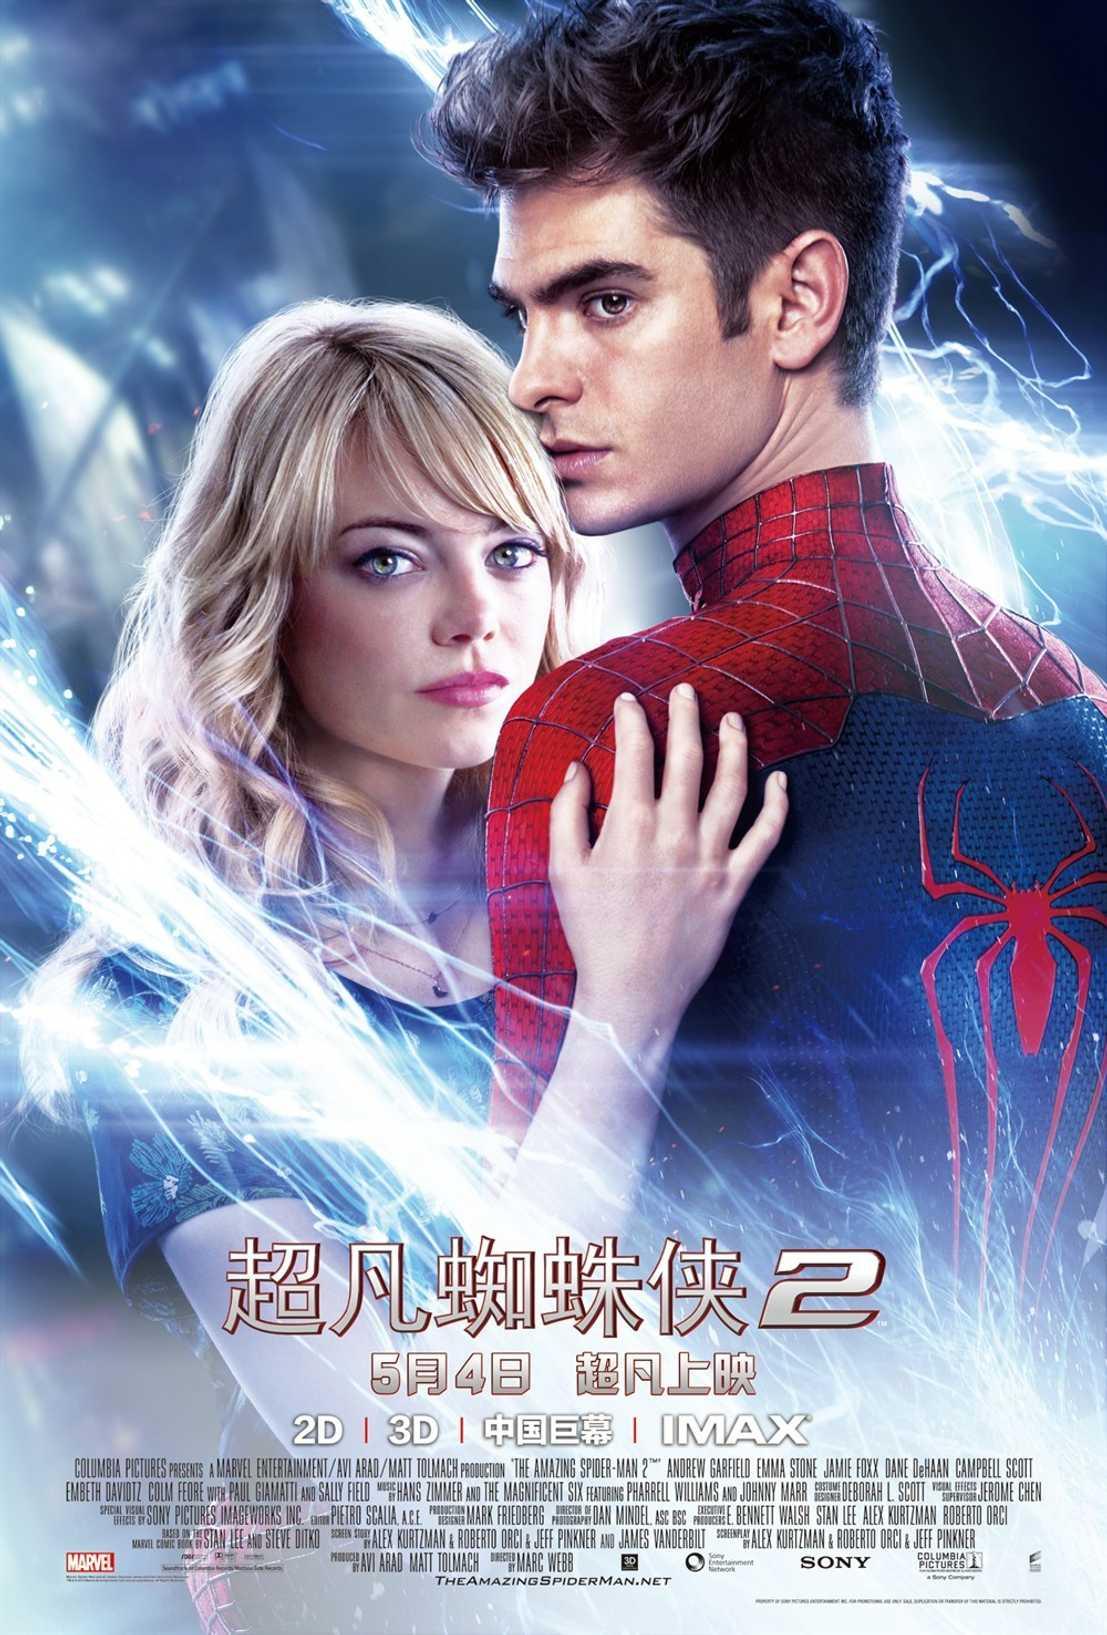 Ekm S Spider Mania Issue 8 The Amazing Spider Man 2 2014